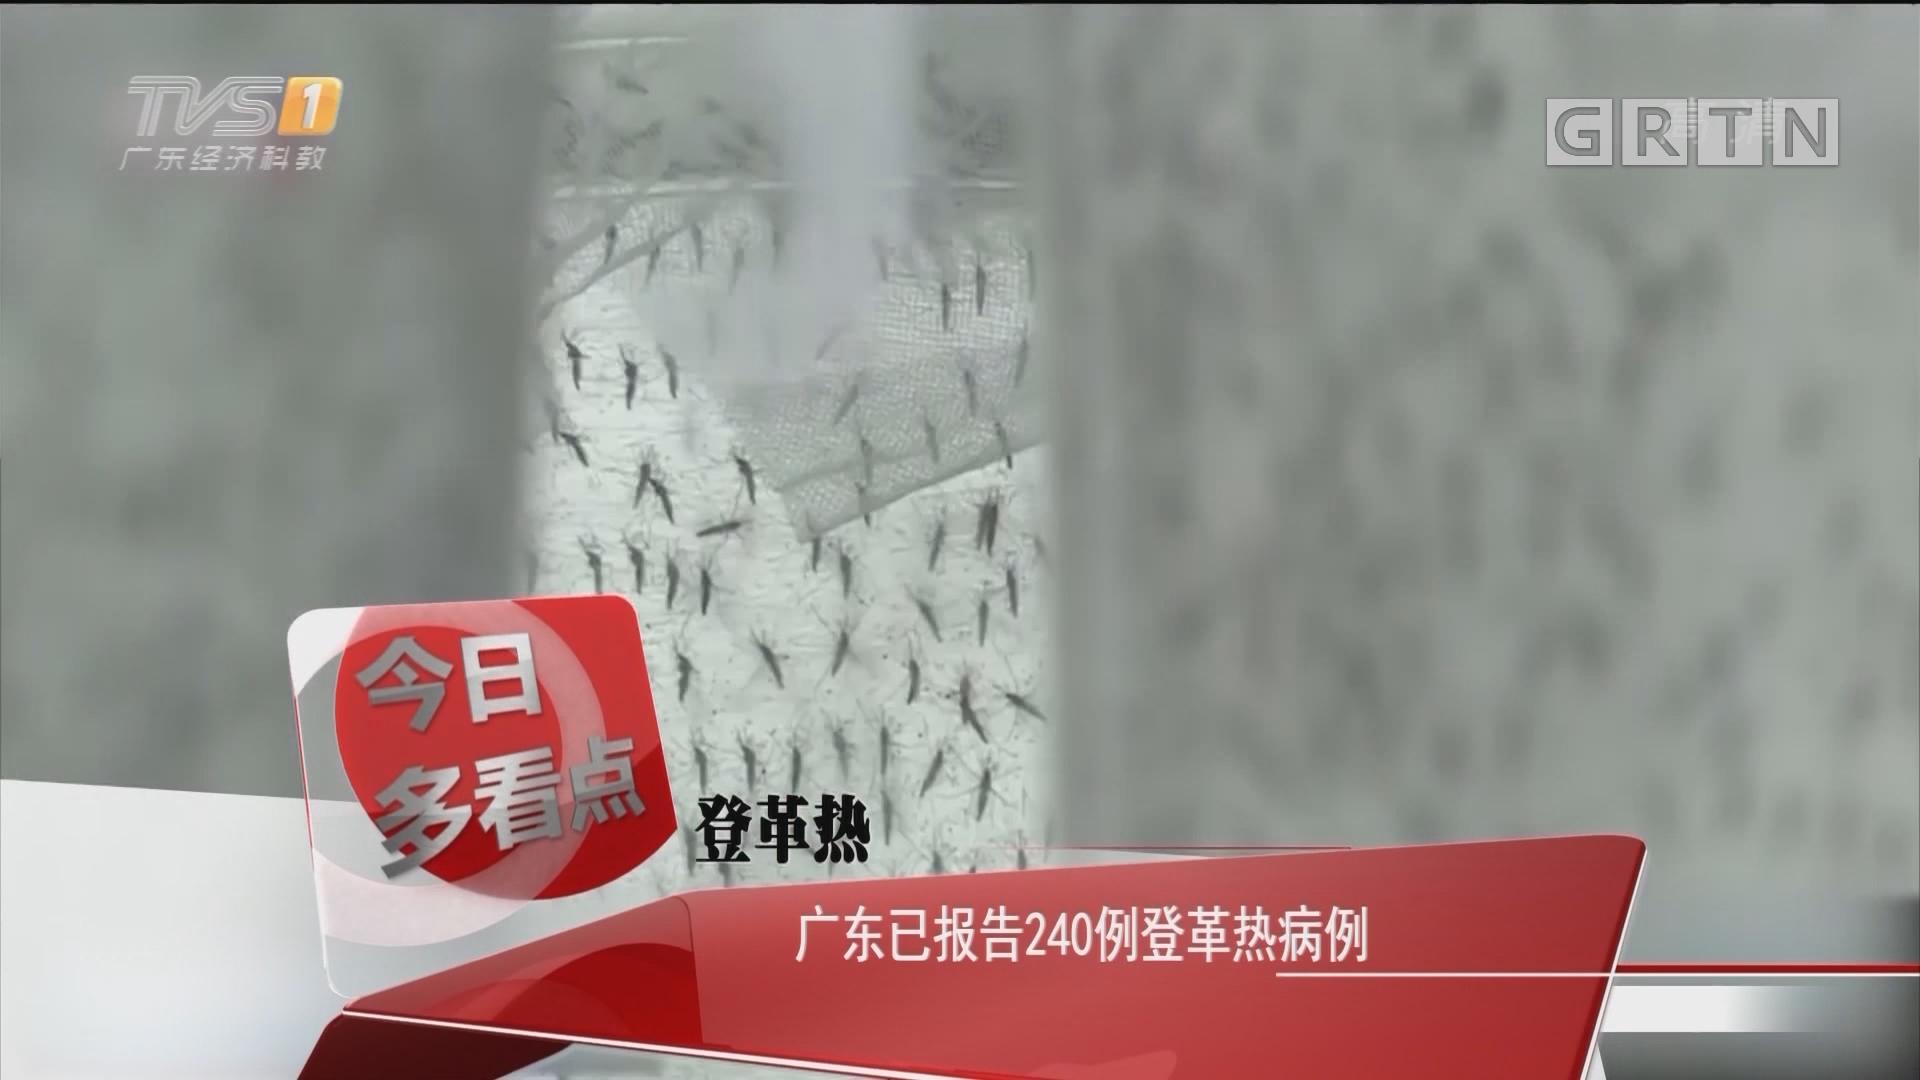 登革热:广东已报告240例登革热病例